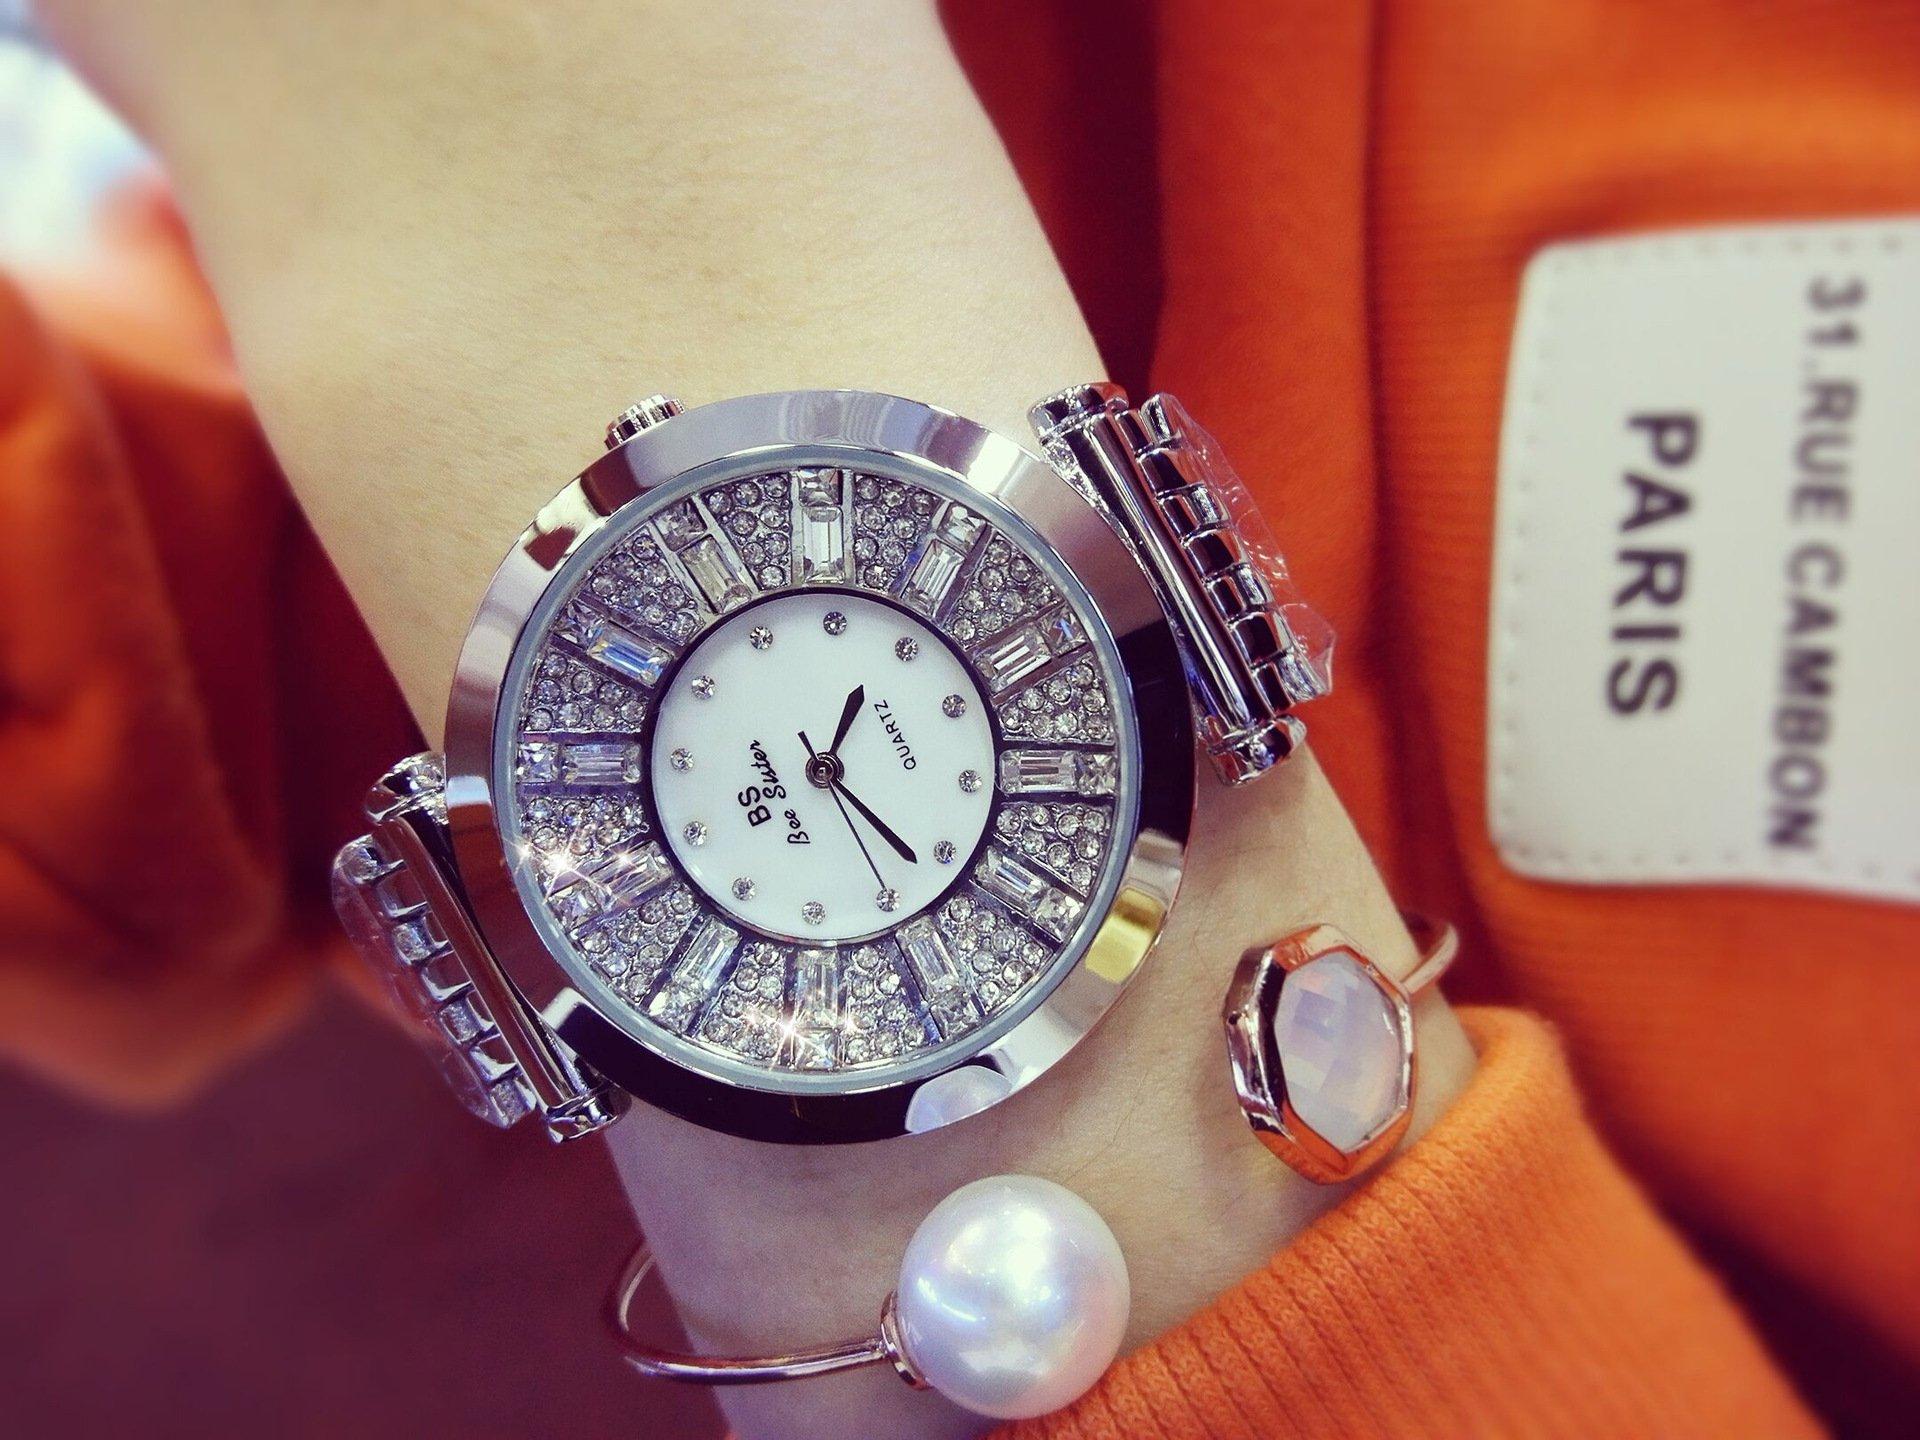 MODIWEN Luxury Ladies Rhinestone Bracelet Watch with Quartz Movement Women Watches (Sliver)